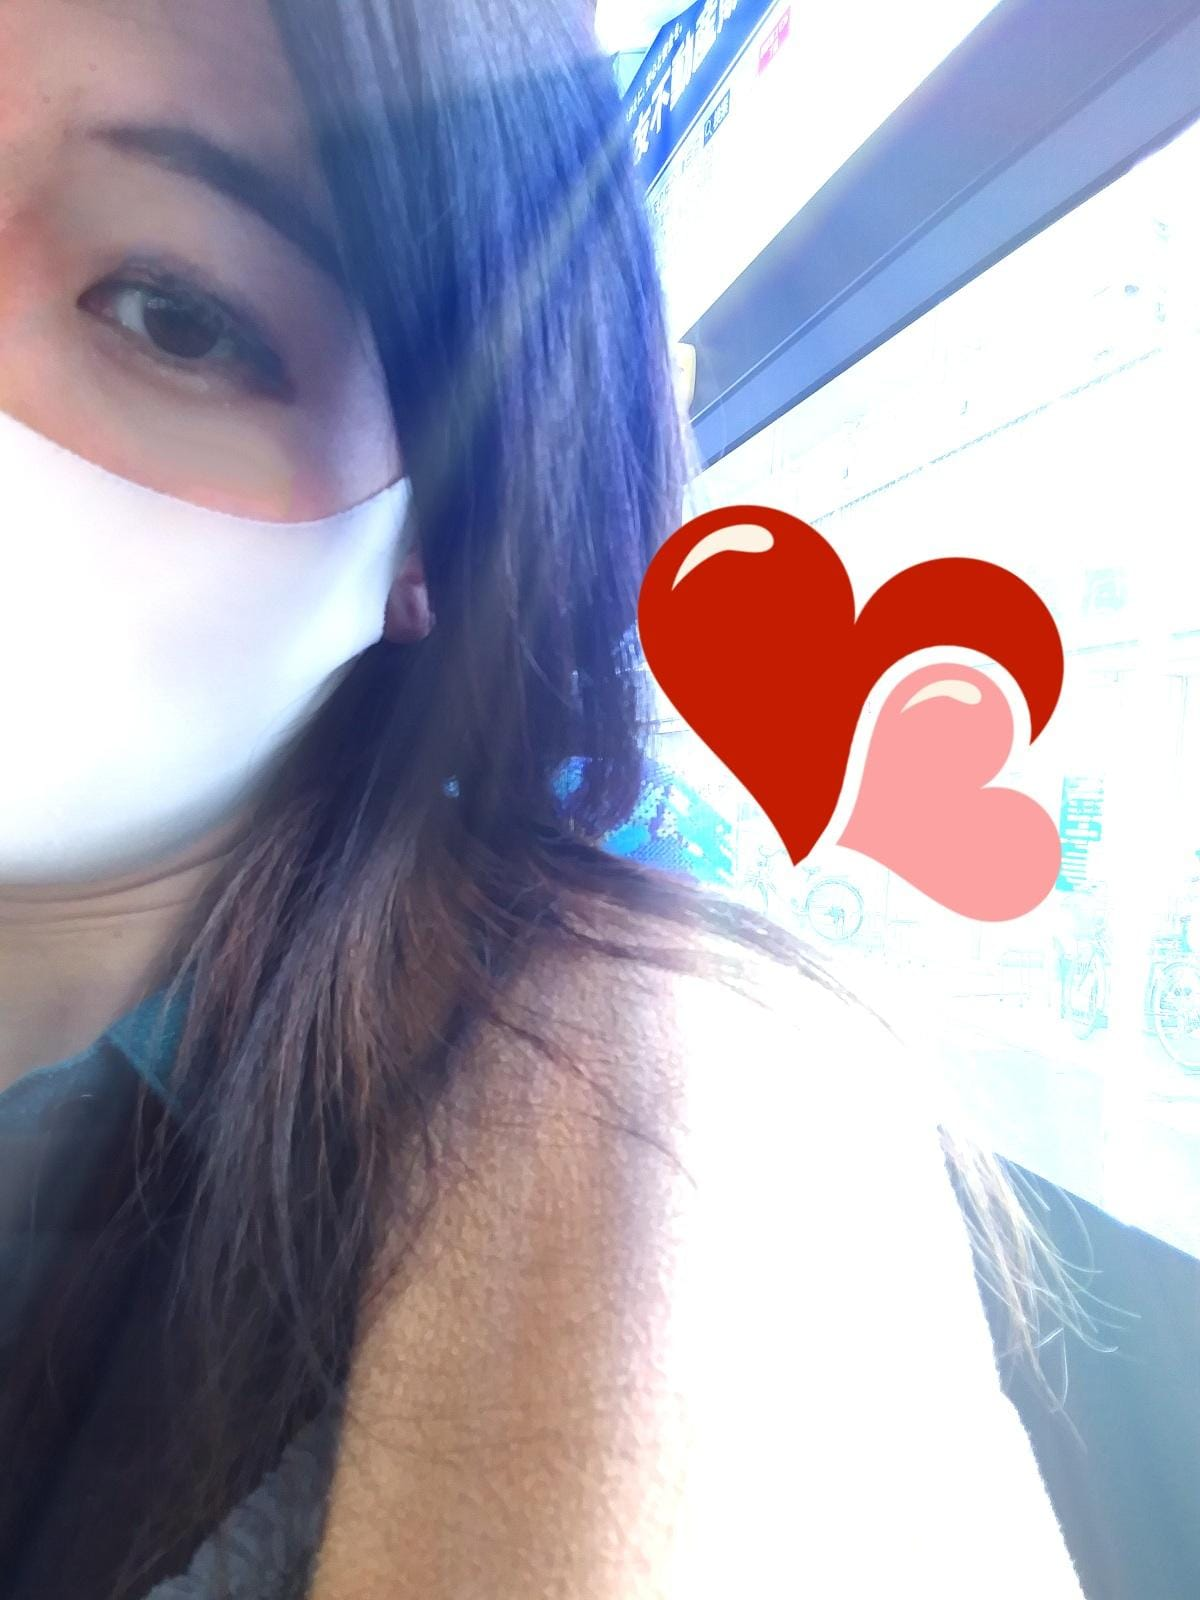 「あけおめっ!」01/04(01/04) 11:11 | アユミの写メ・風俗動画